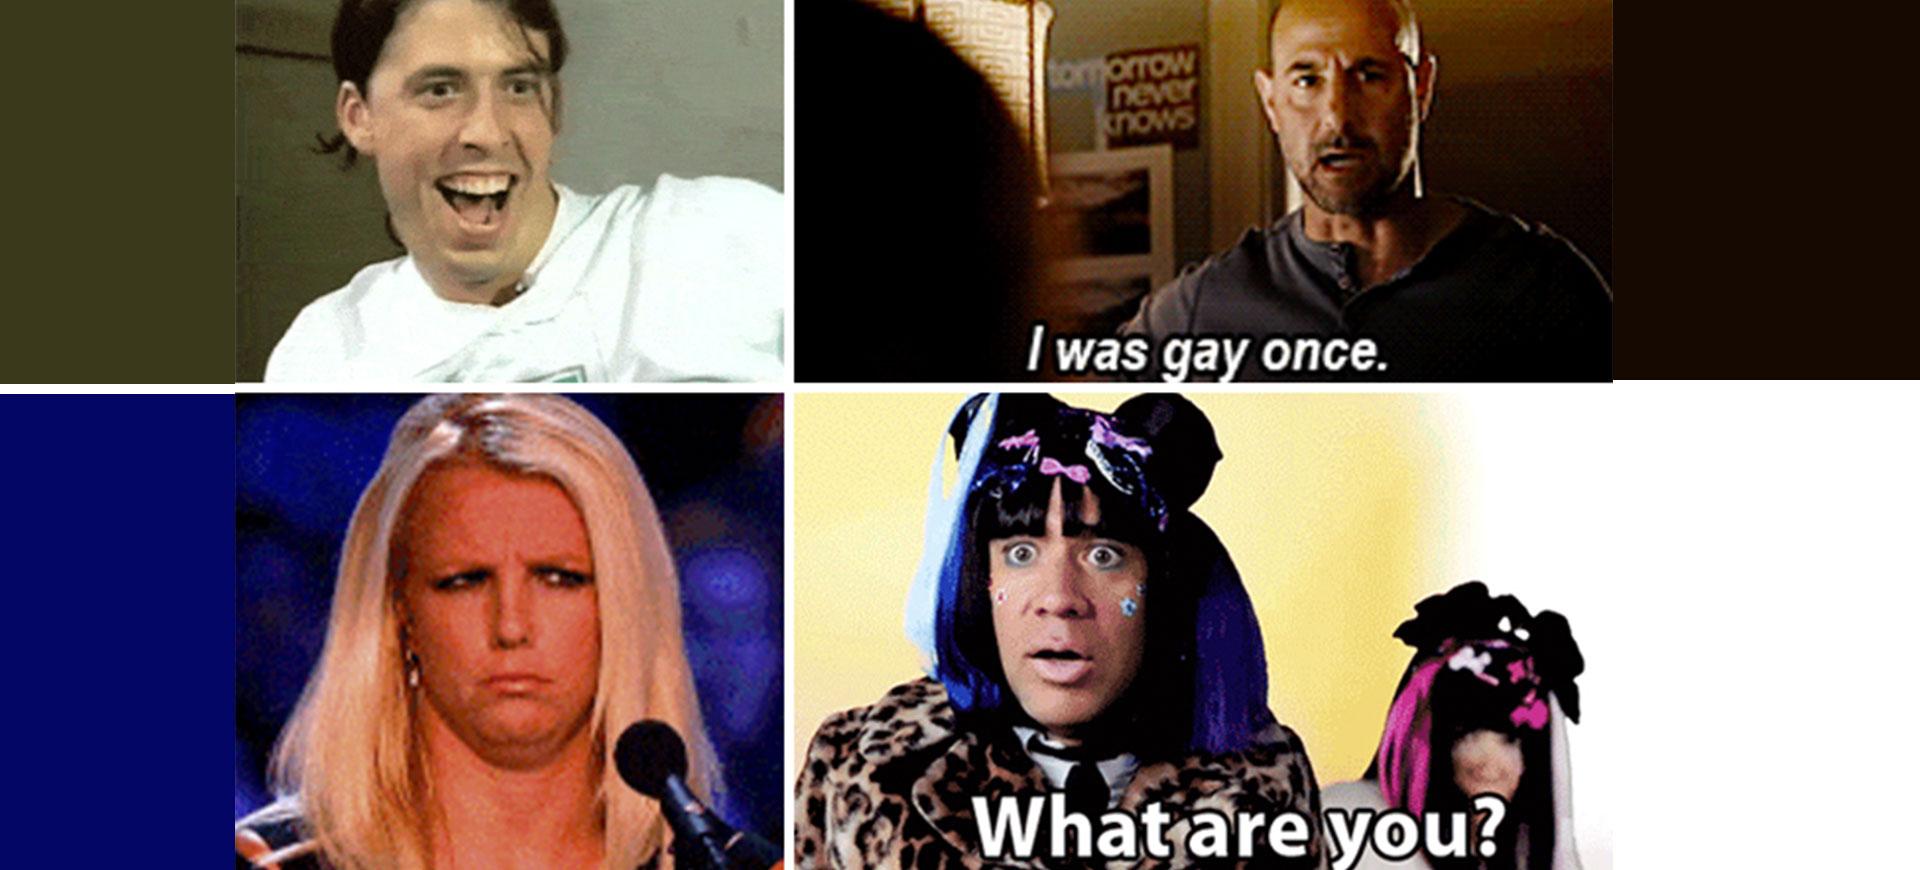 dejta bisexuell blogg